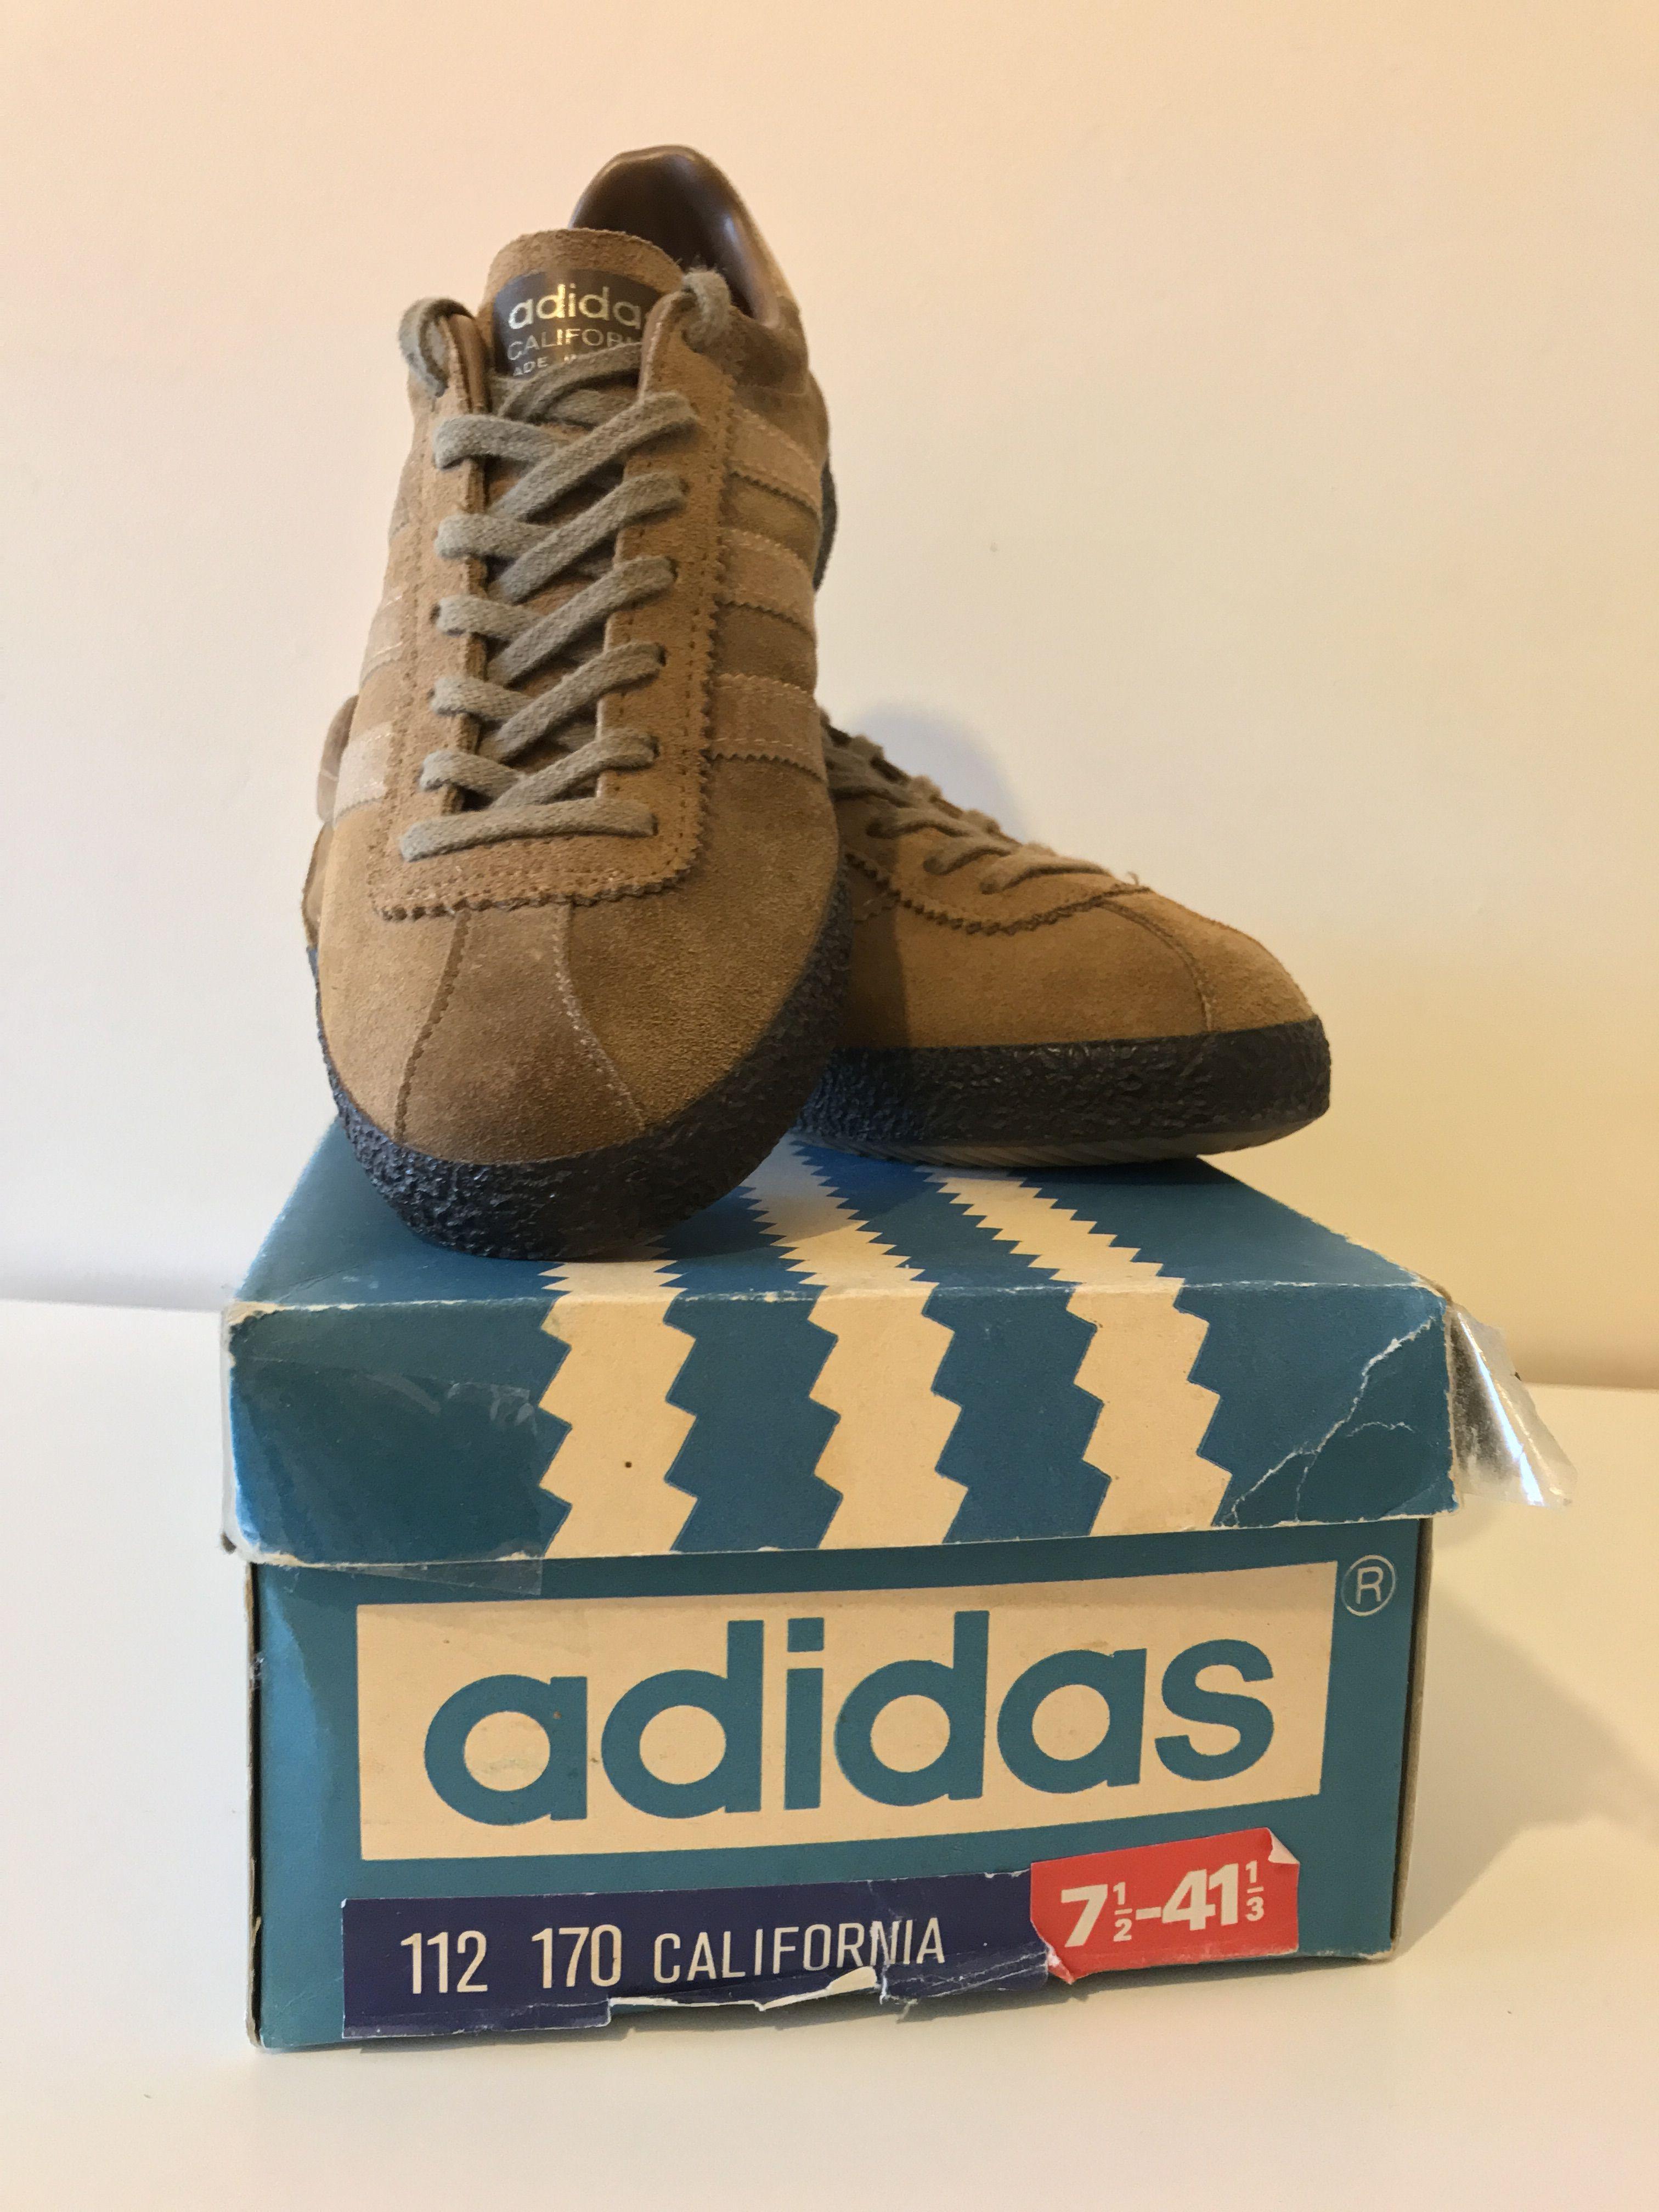 Adidas California | Adidas retro, Adidas, Adidas sneakers